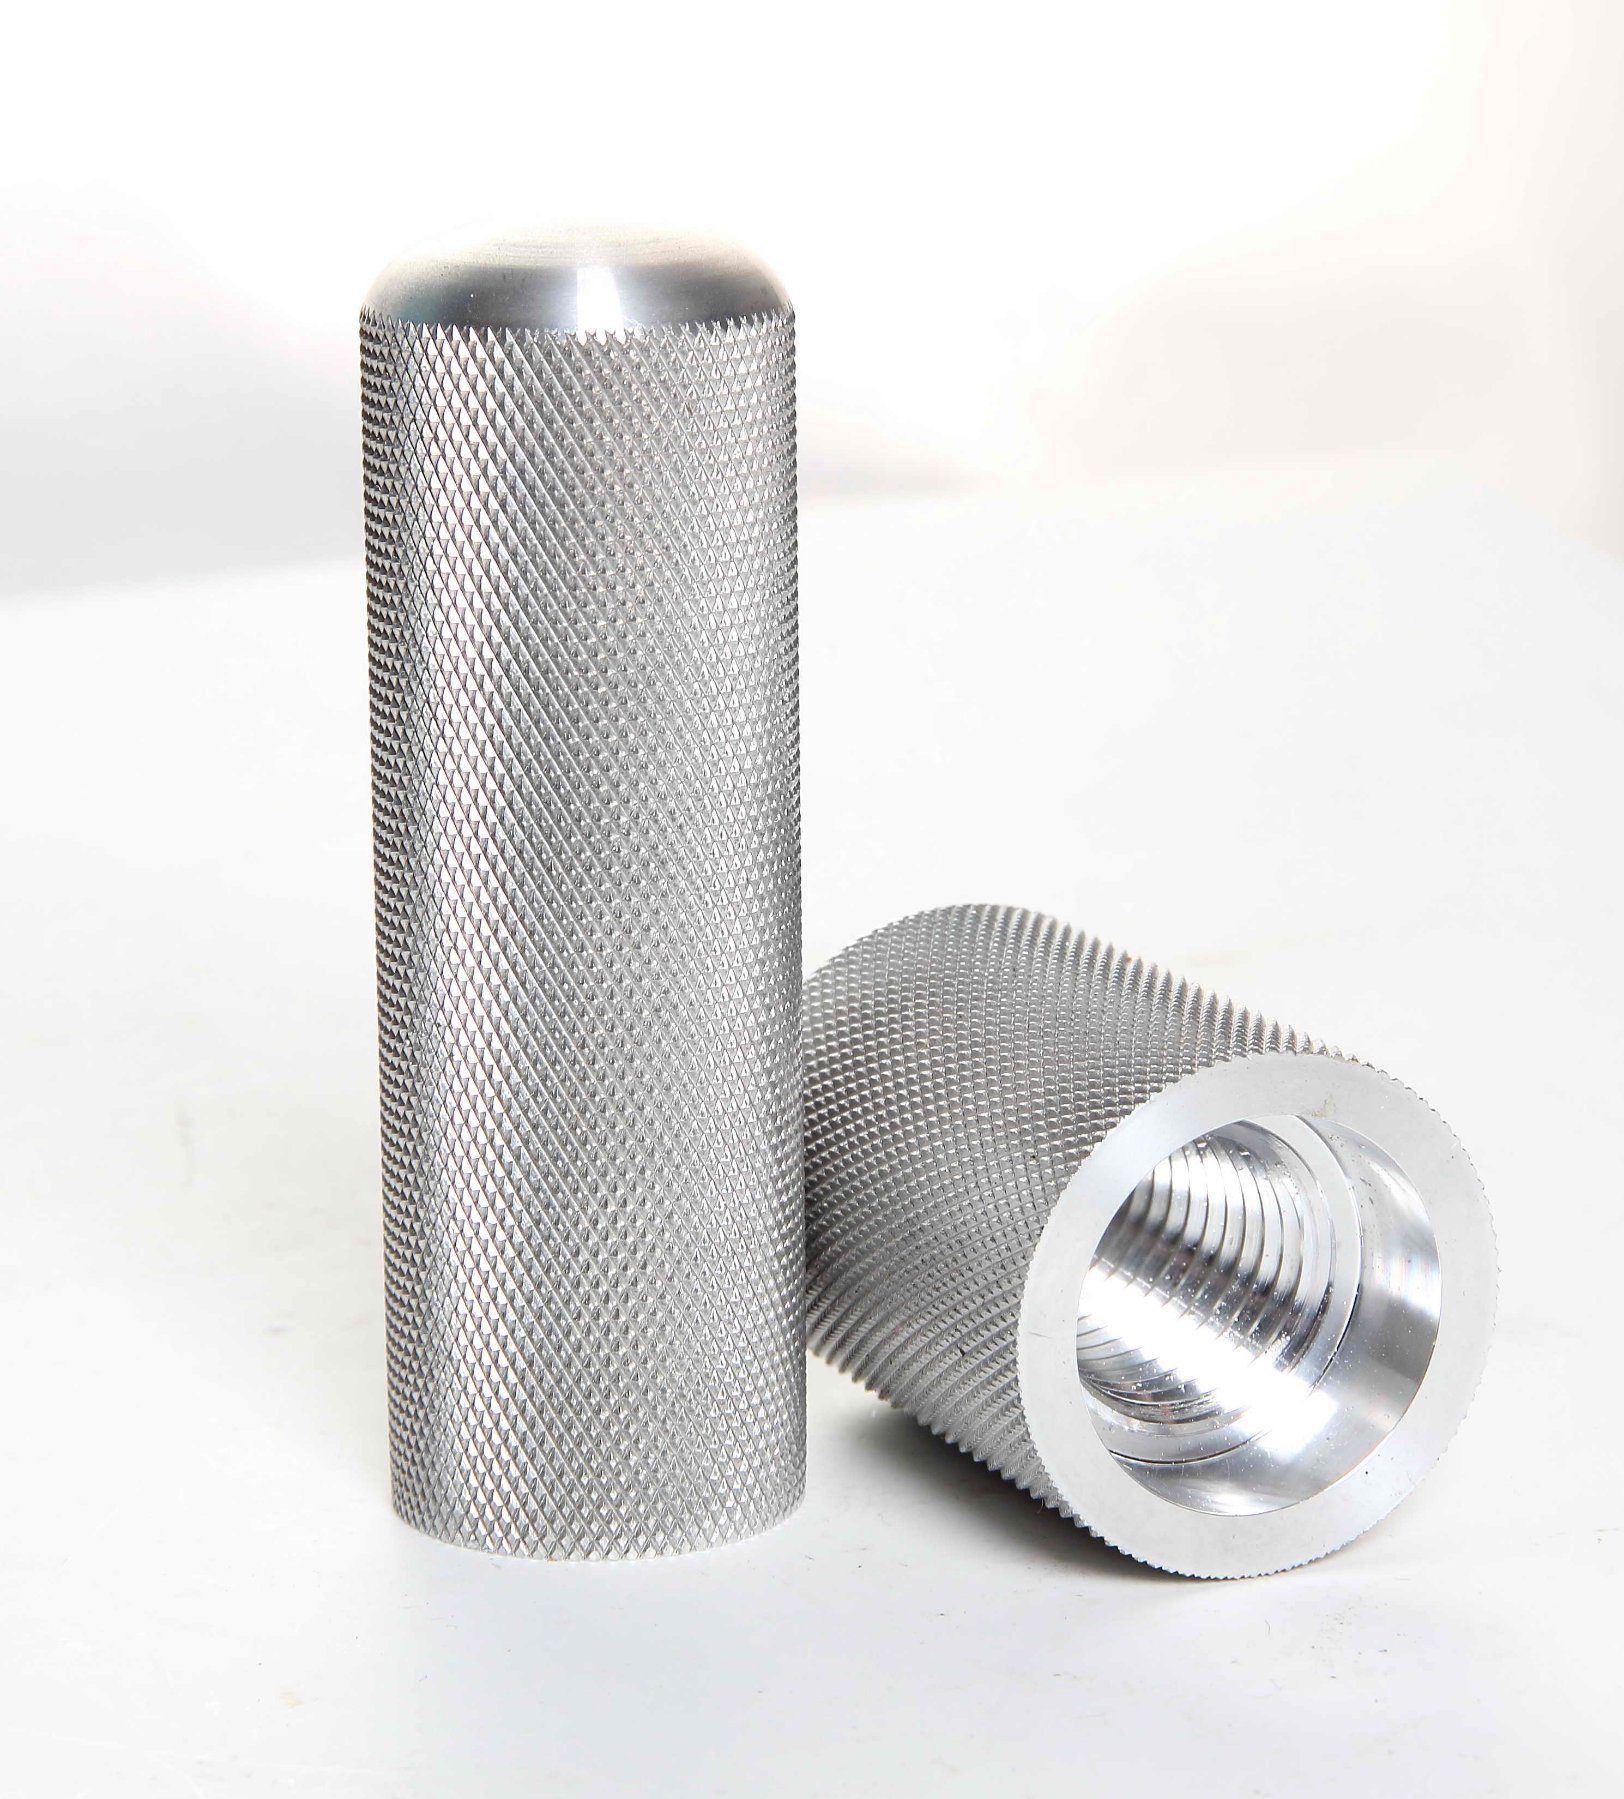 CNC Machining Parts Aluminum Components